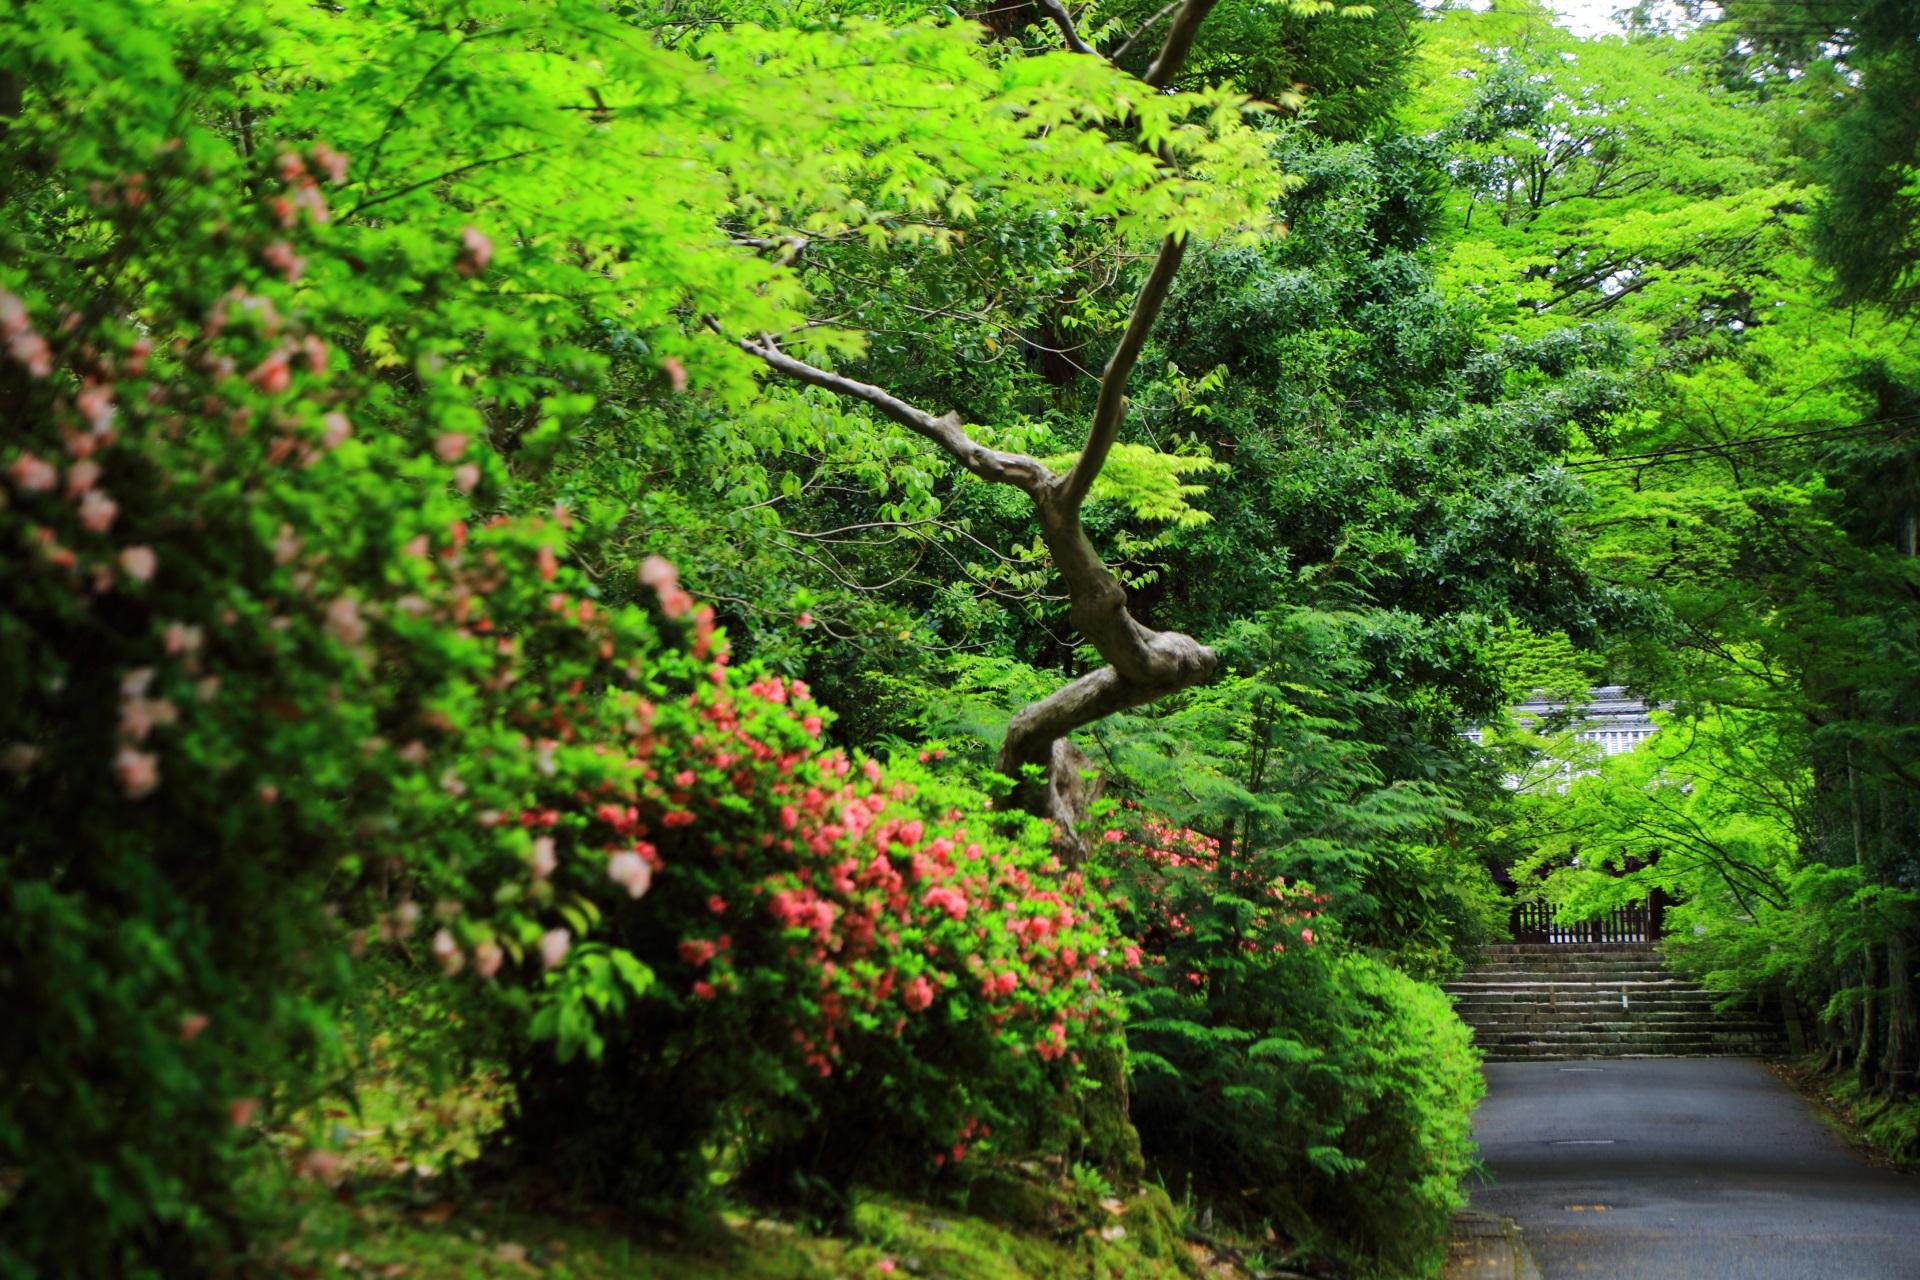 曼殊院の風情ある緑の参道を華やぐ煌びやかなツツジ